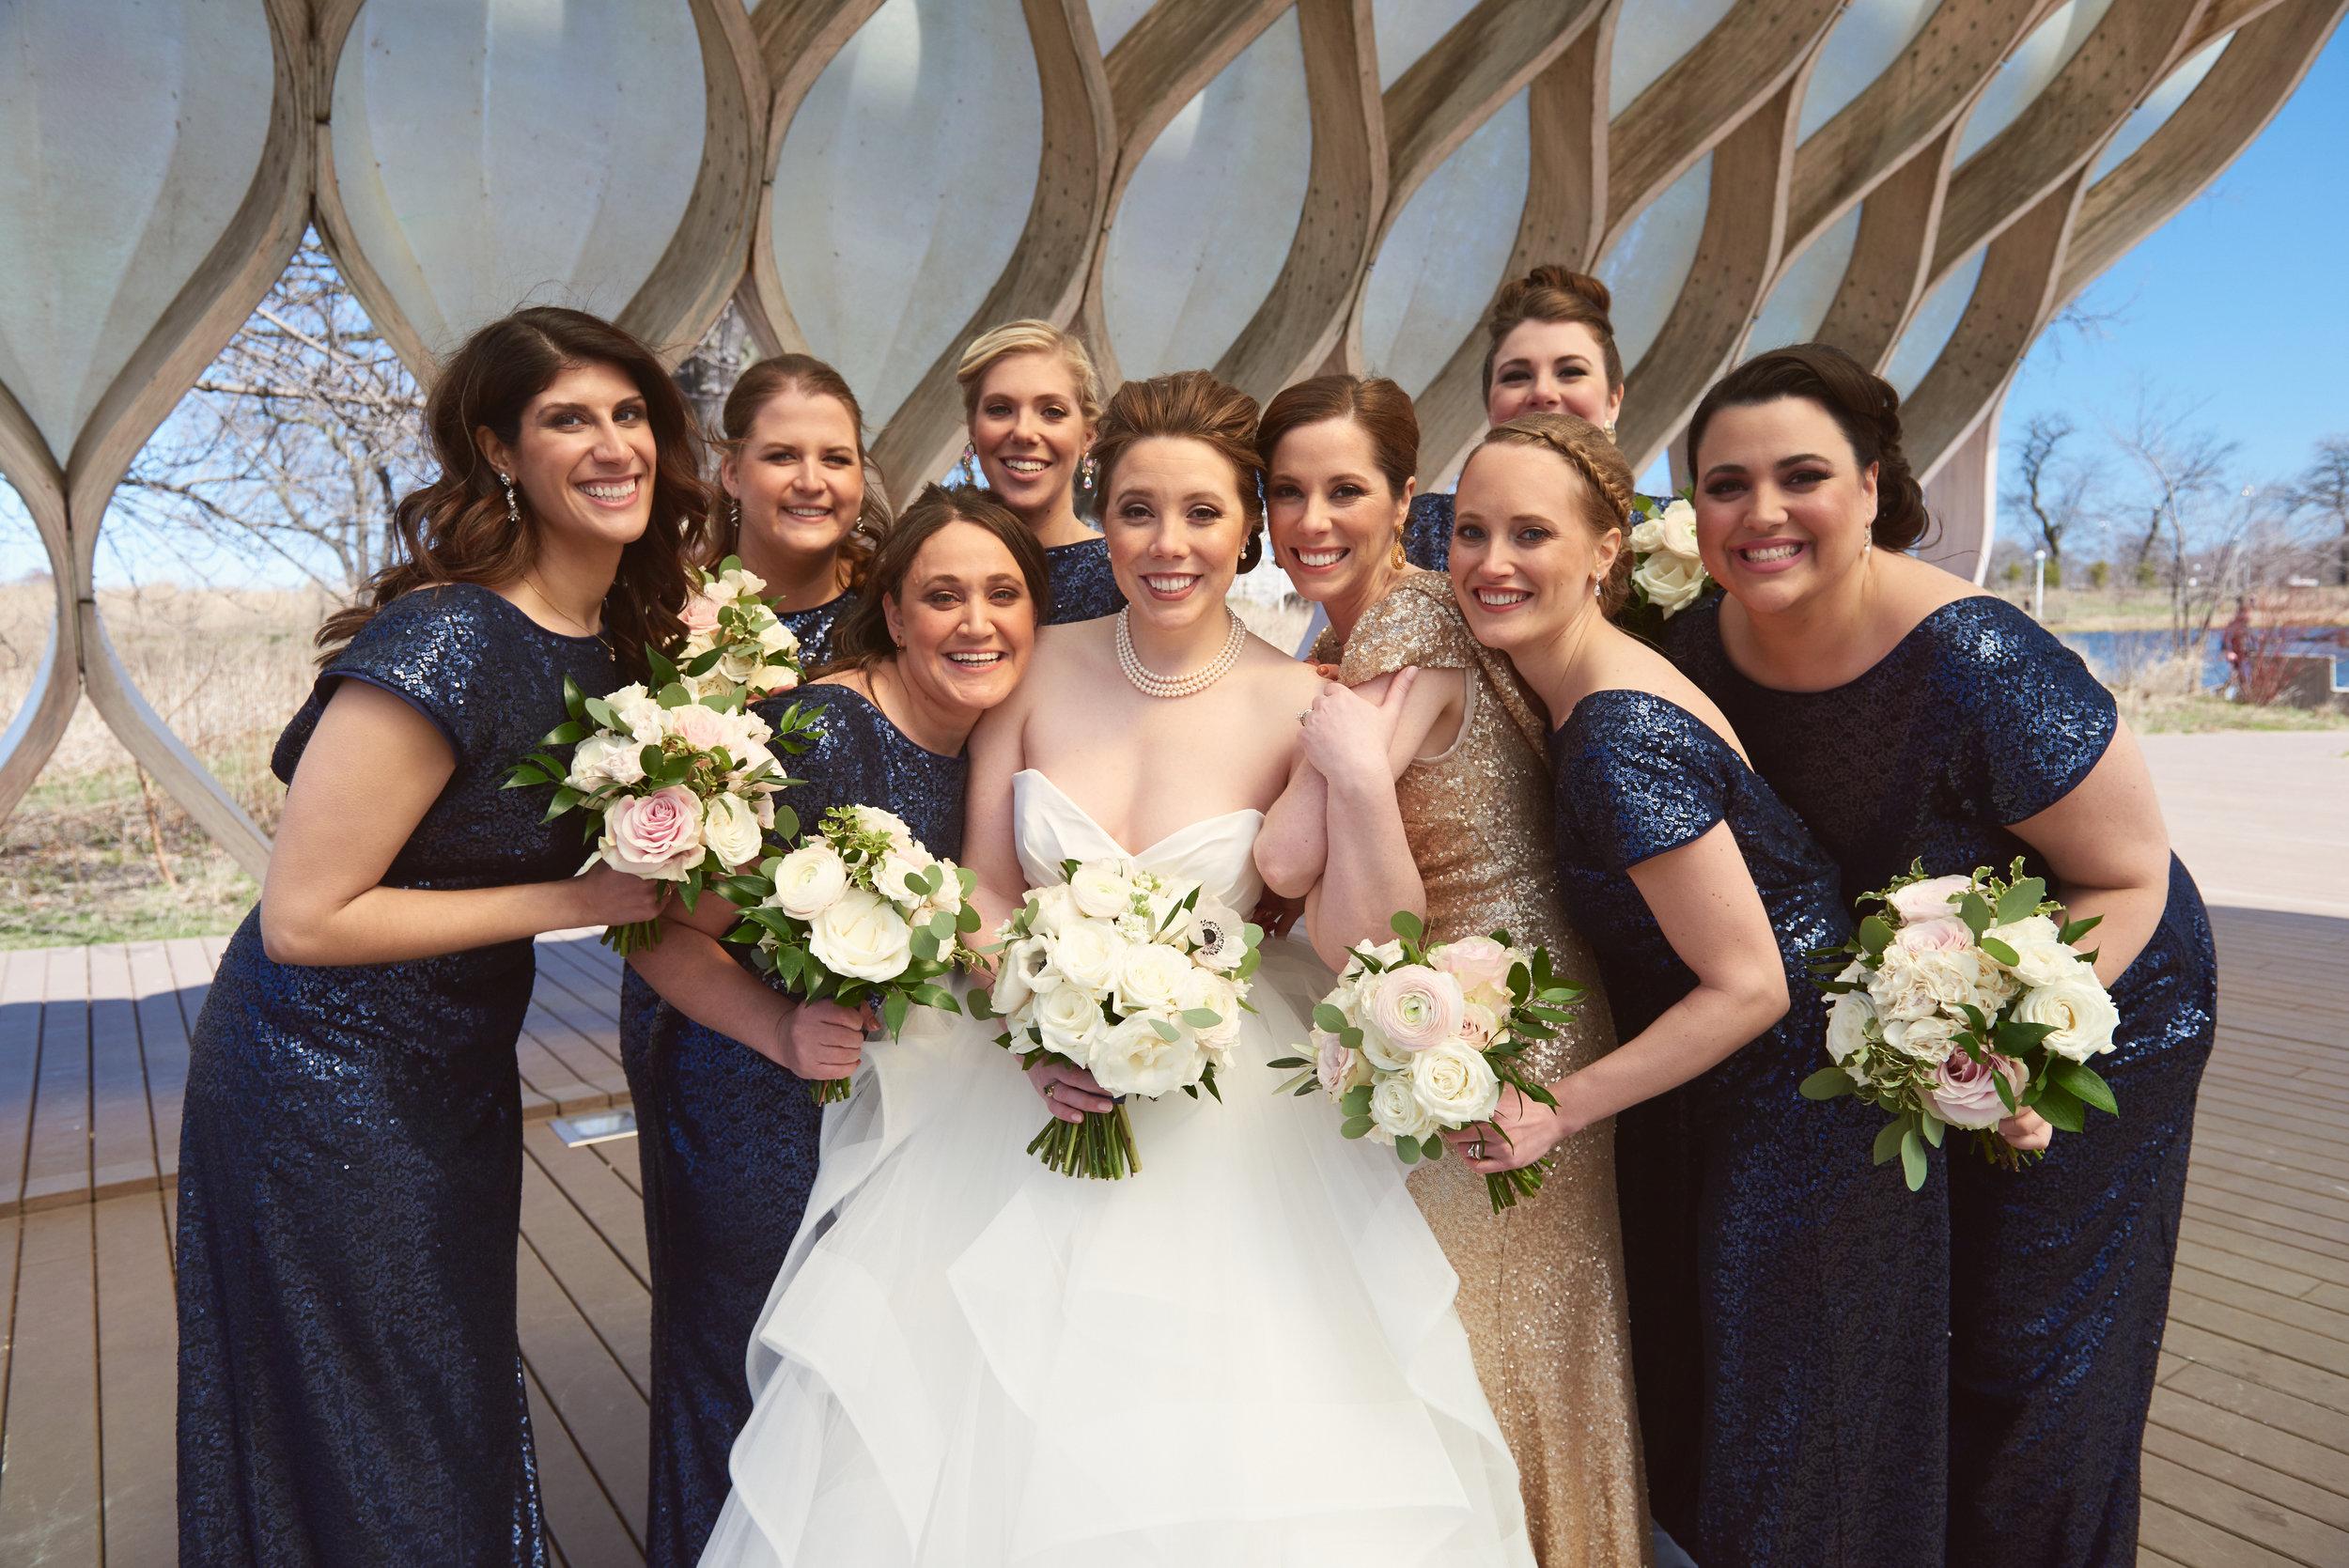 Bridal bouquet bridesmaids bouquet Lincoln Park Chicago